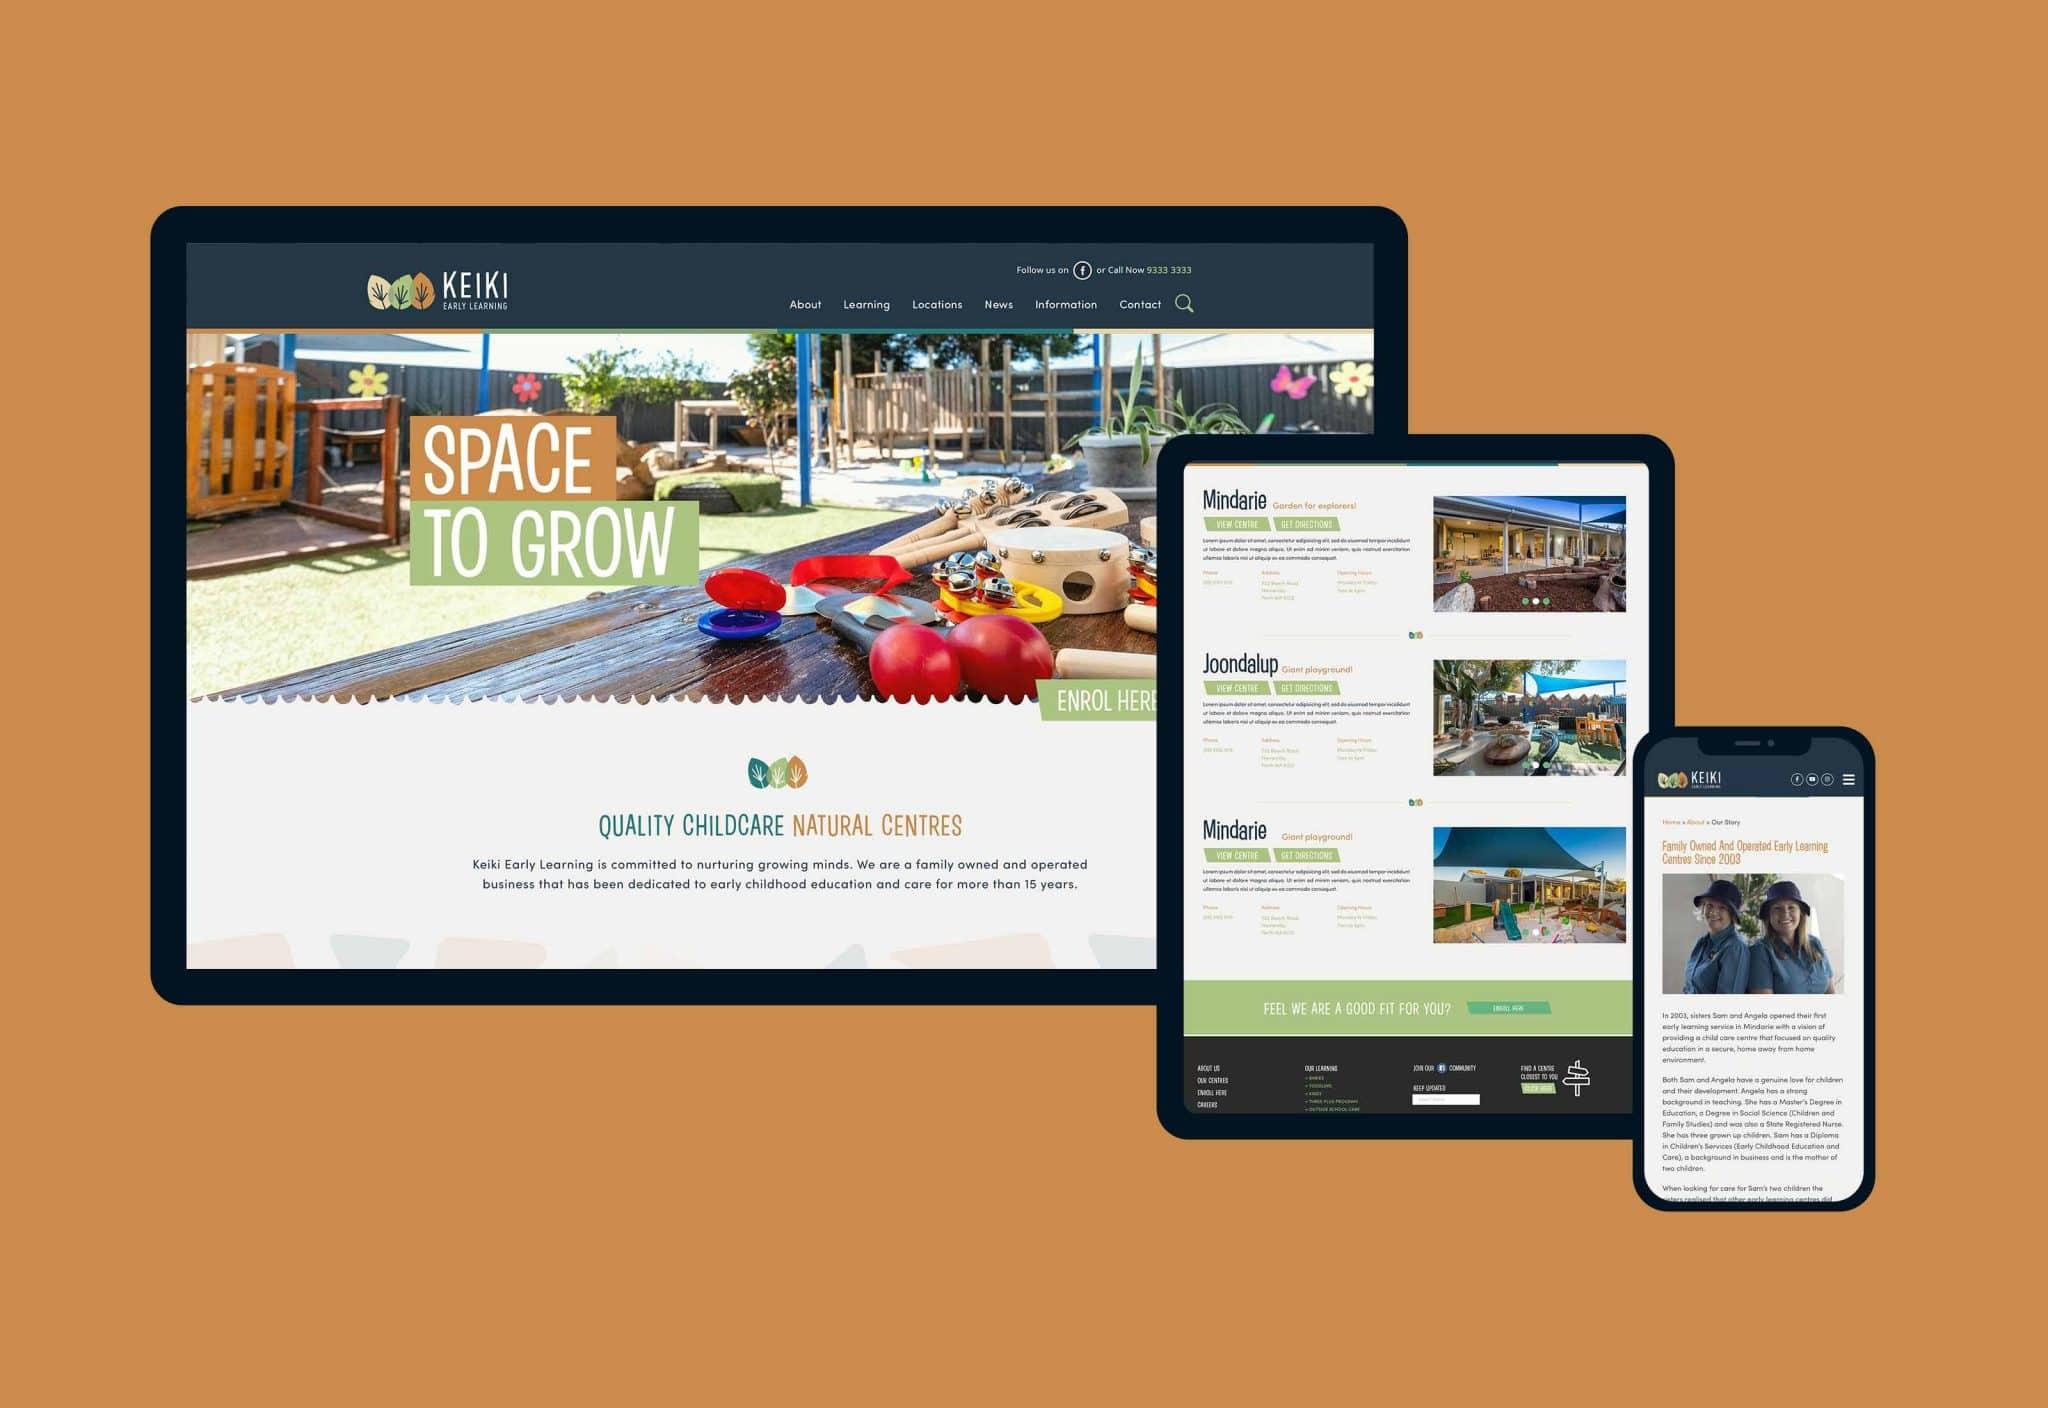 8 4S Work Keiki Website